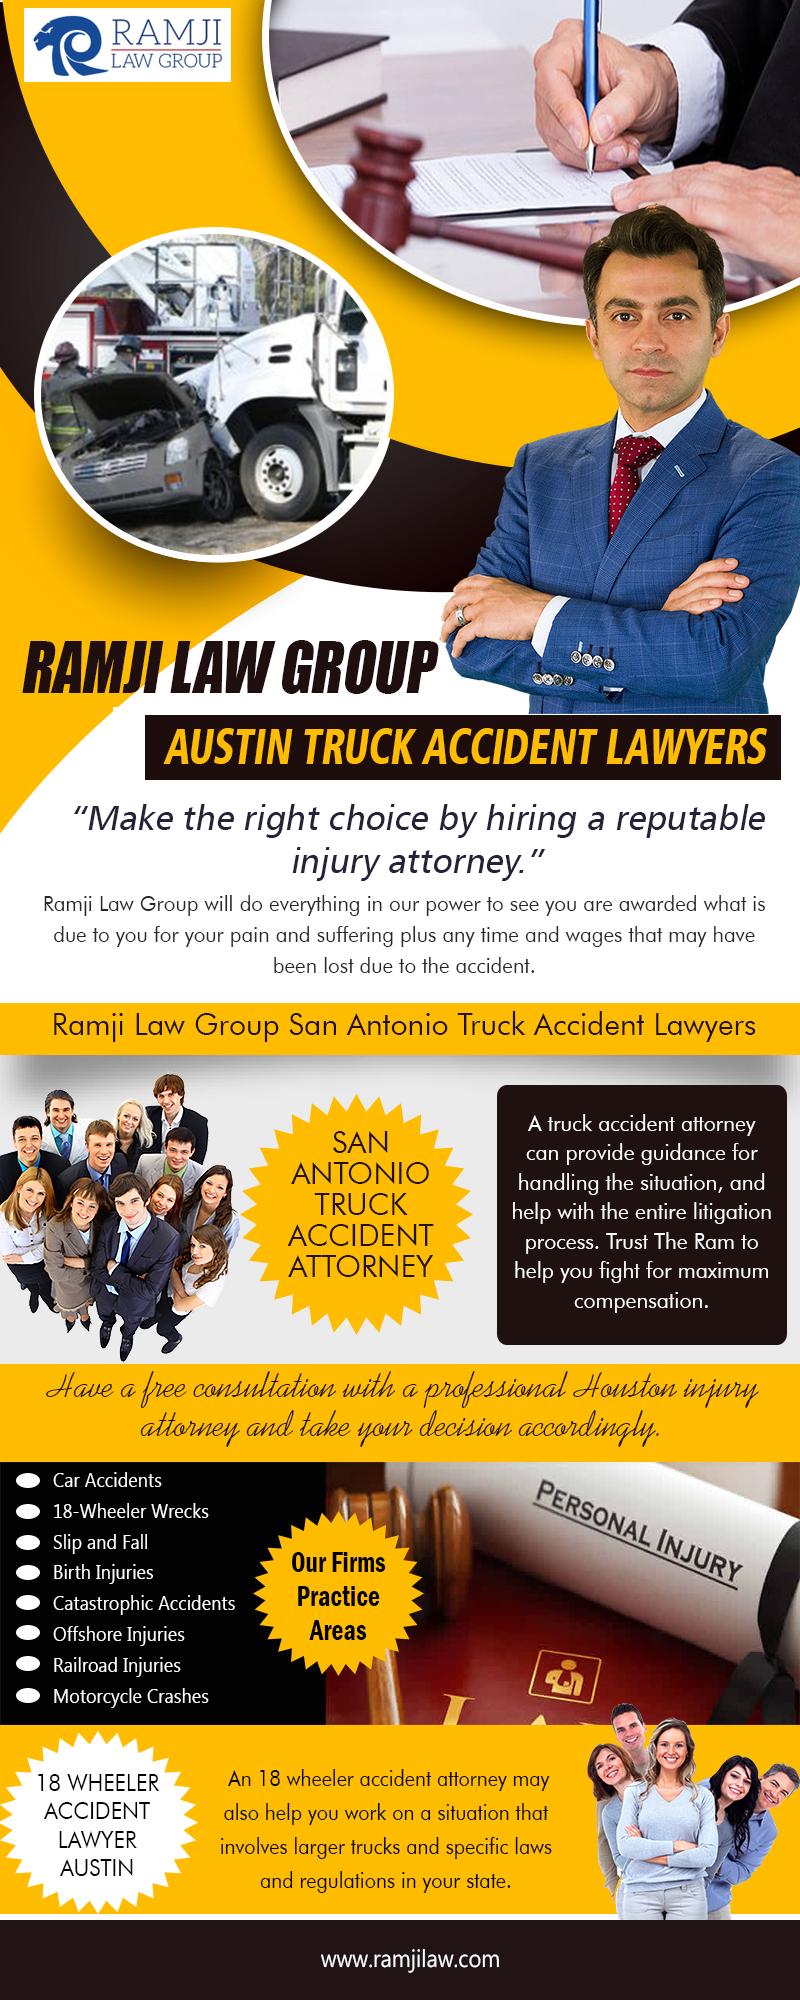 Ramji Law Group Austin Truck Accident Lawyers|https://www.ramjilaw.com/